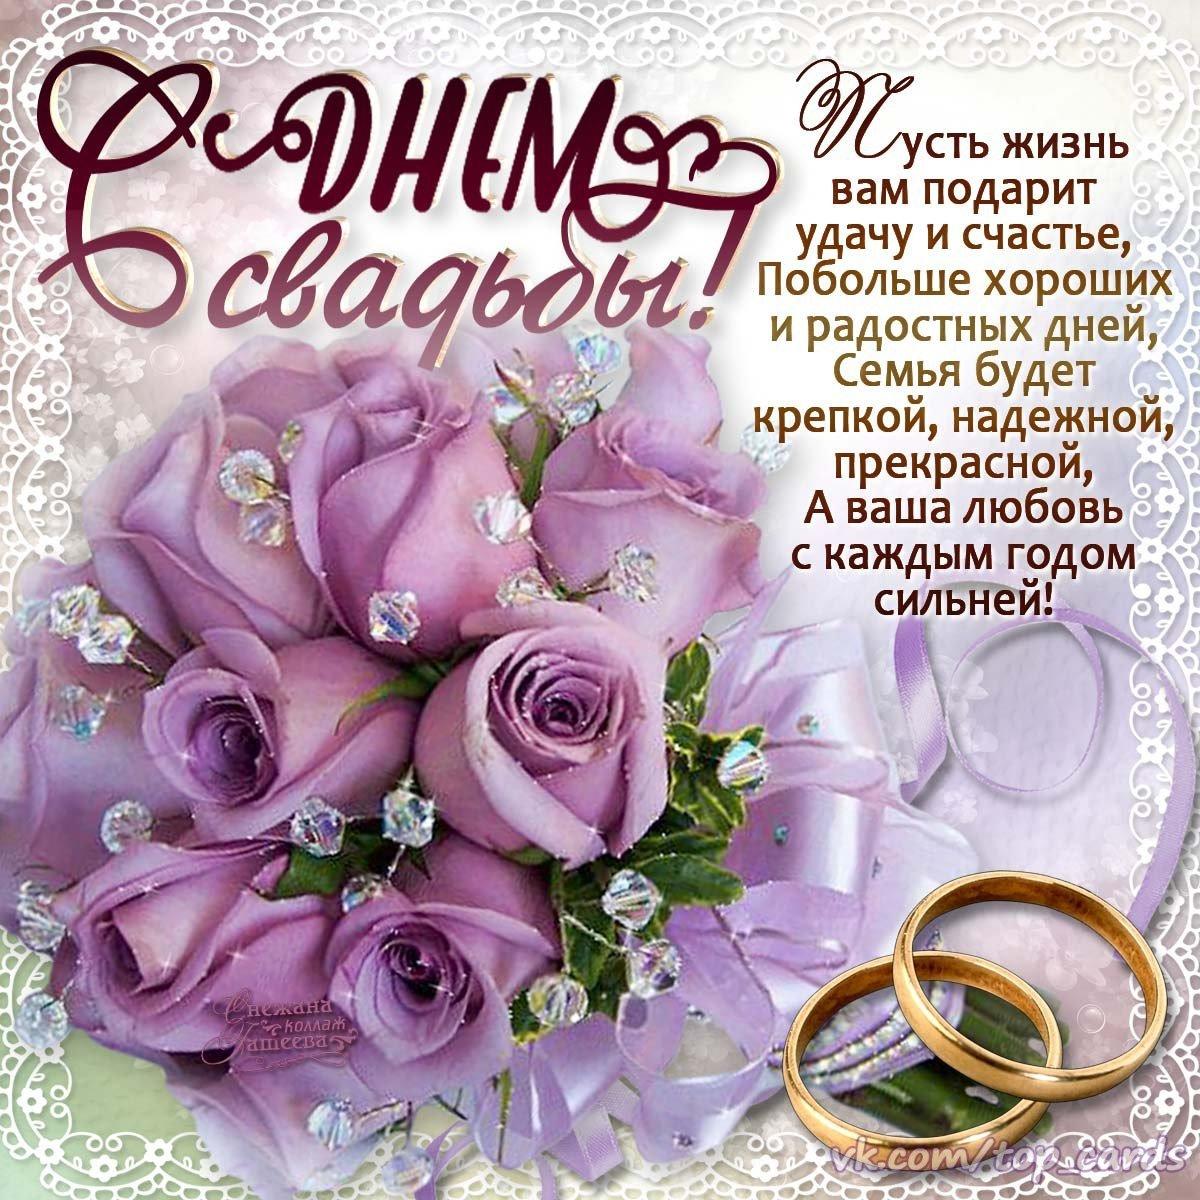 С днем свадьбы поздравления картинки на телефон